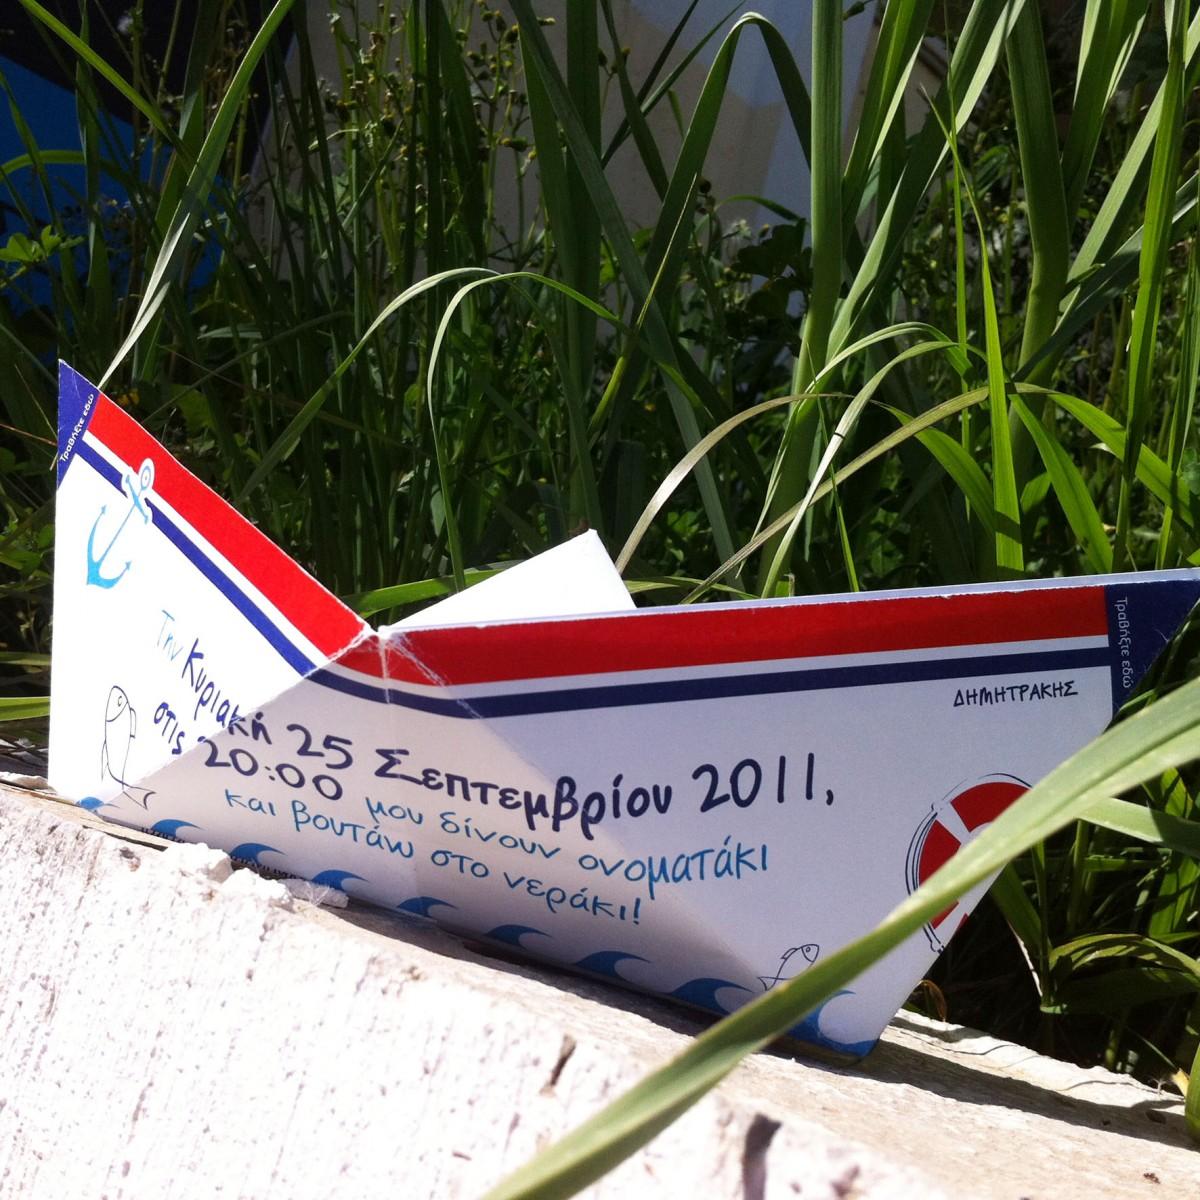 Πρόσκληση Origami για βάπτιση